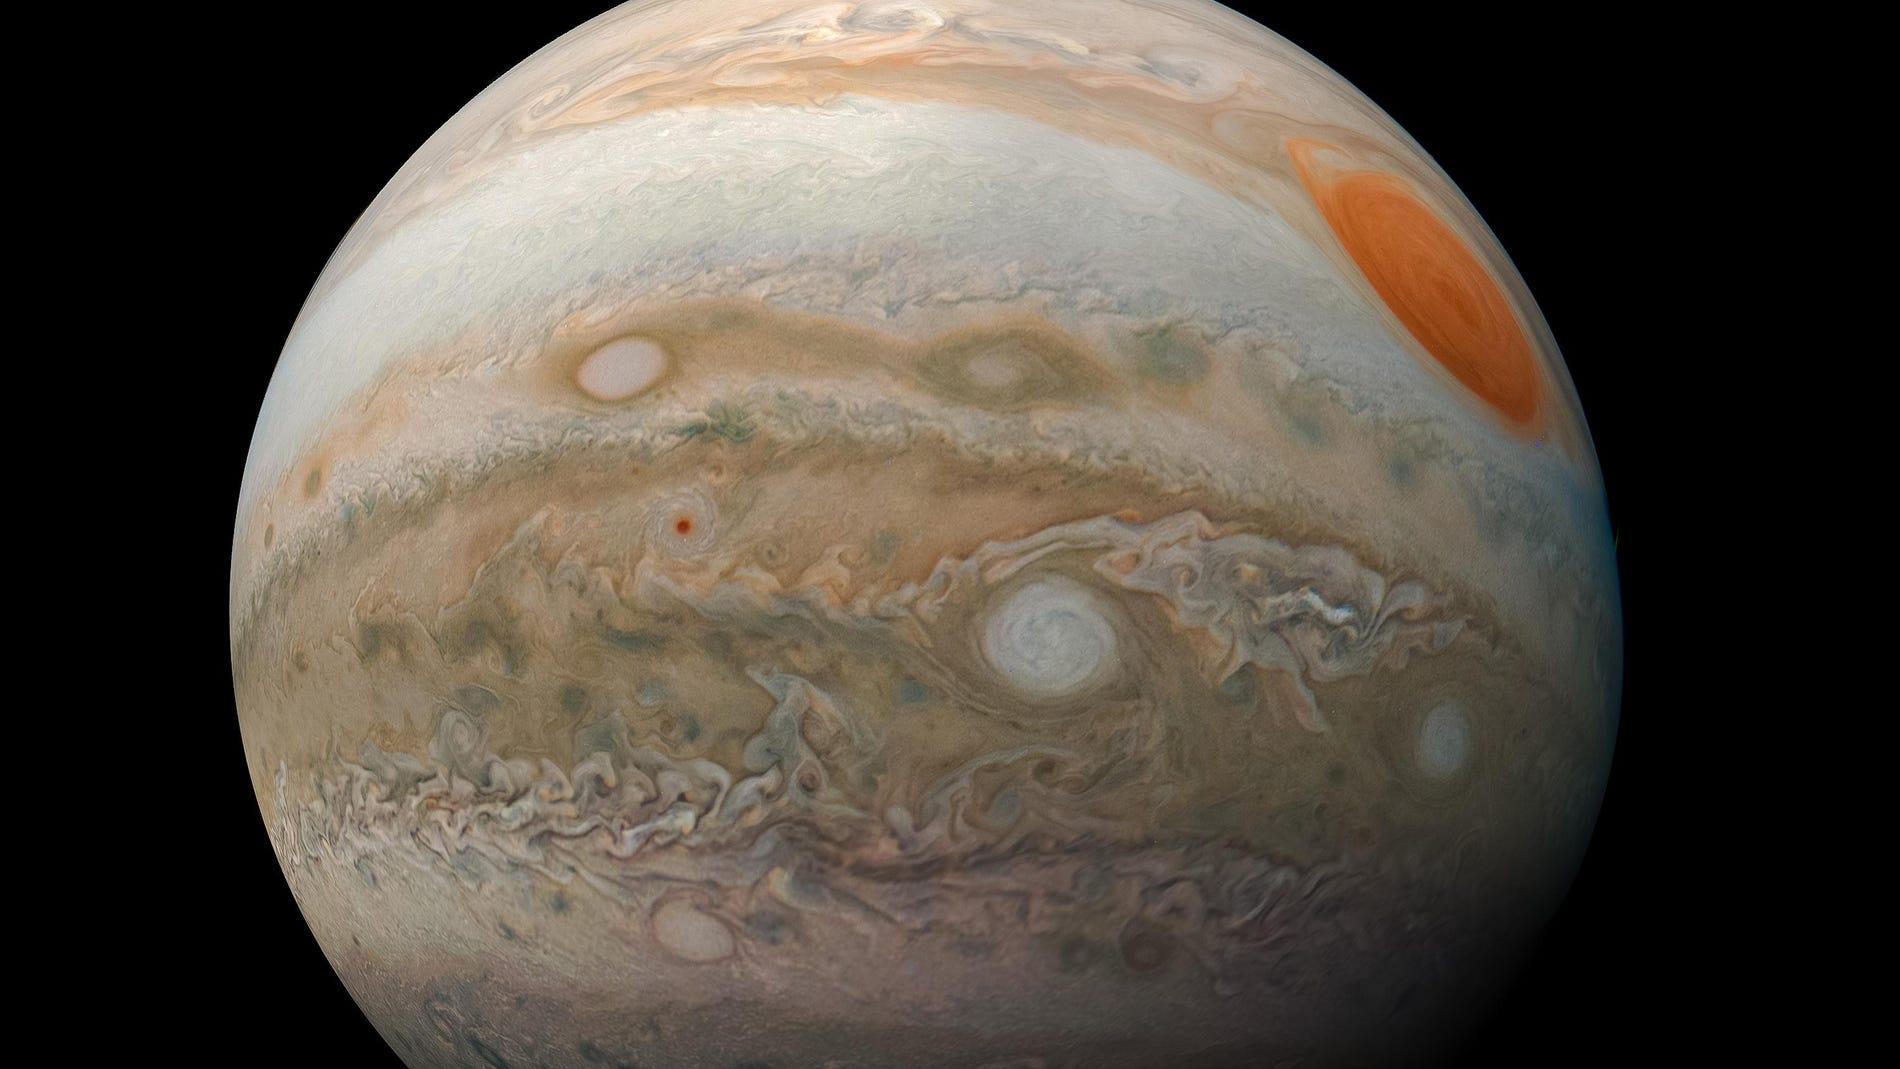 Júpiter captado por la sonda espacial Juno